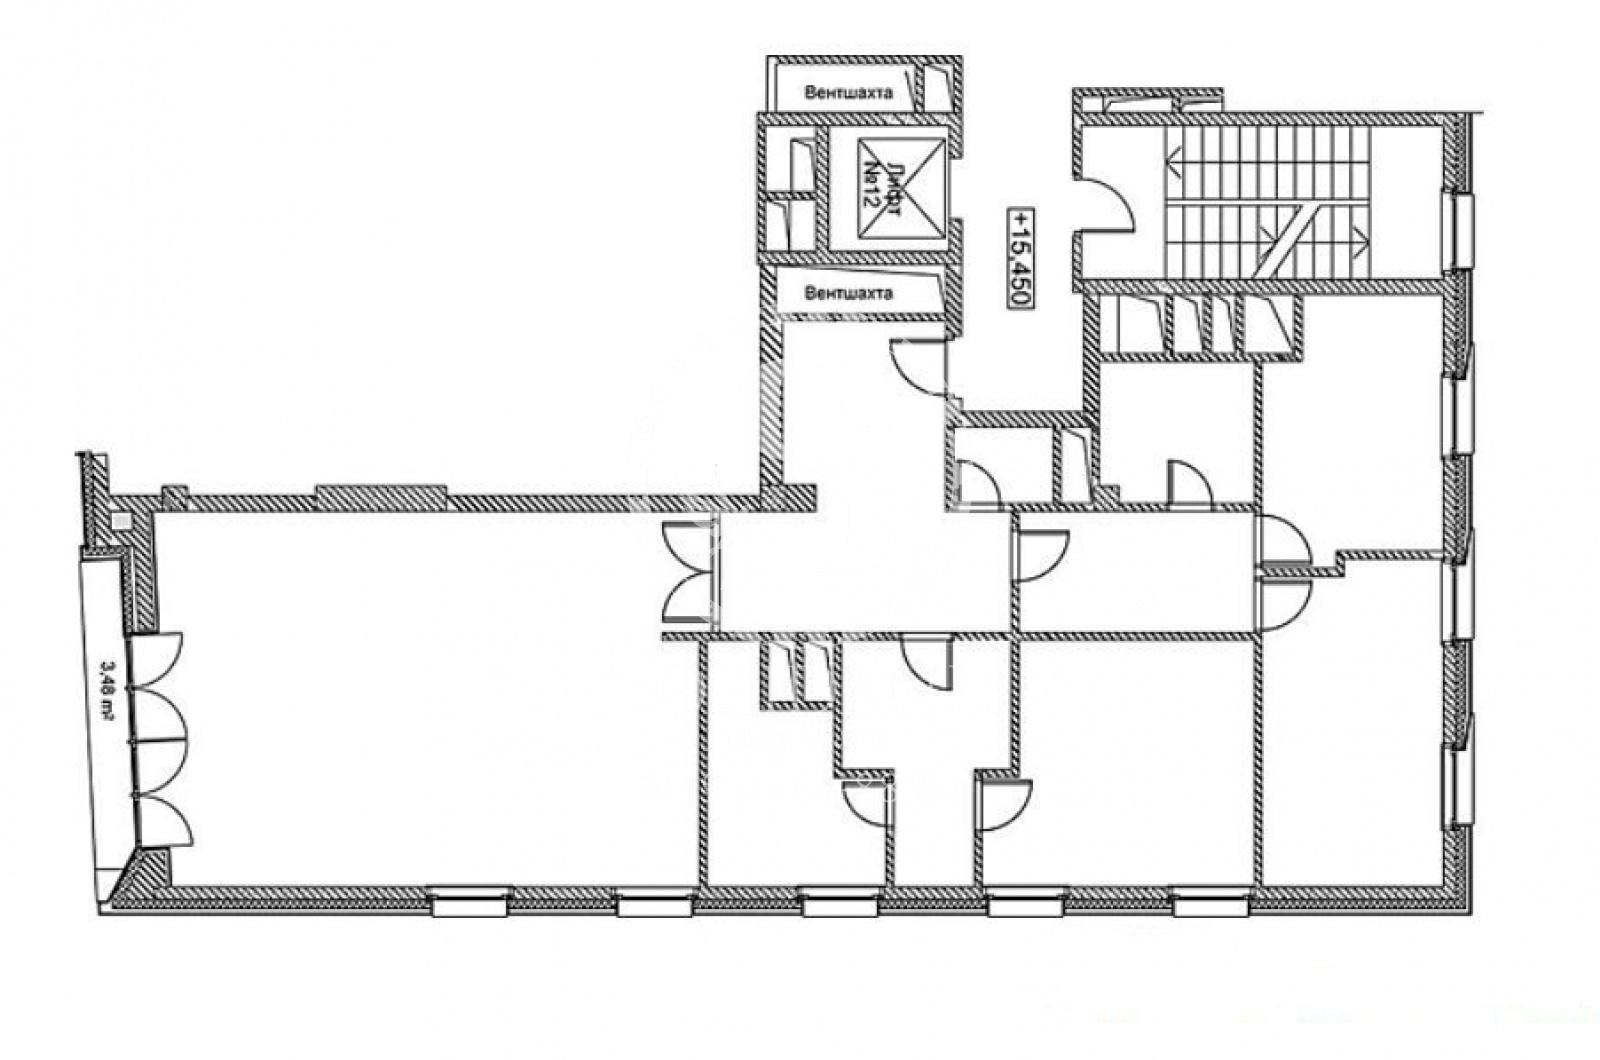 4 Комнаты, Городская, Продажа, Пречистенская набережная, Listing ID 3444, Москва, Россия,